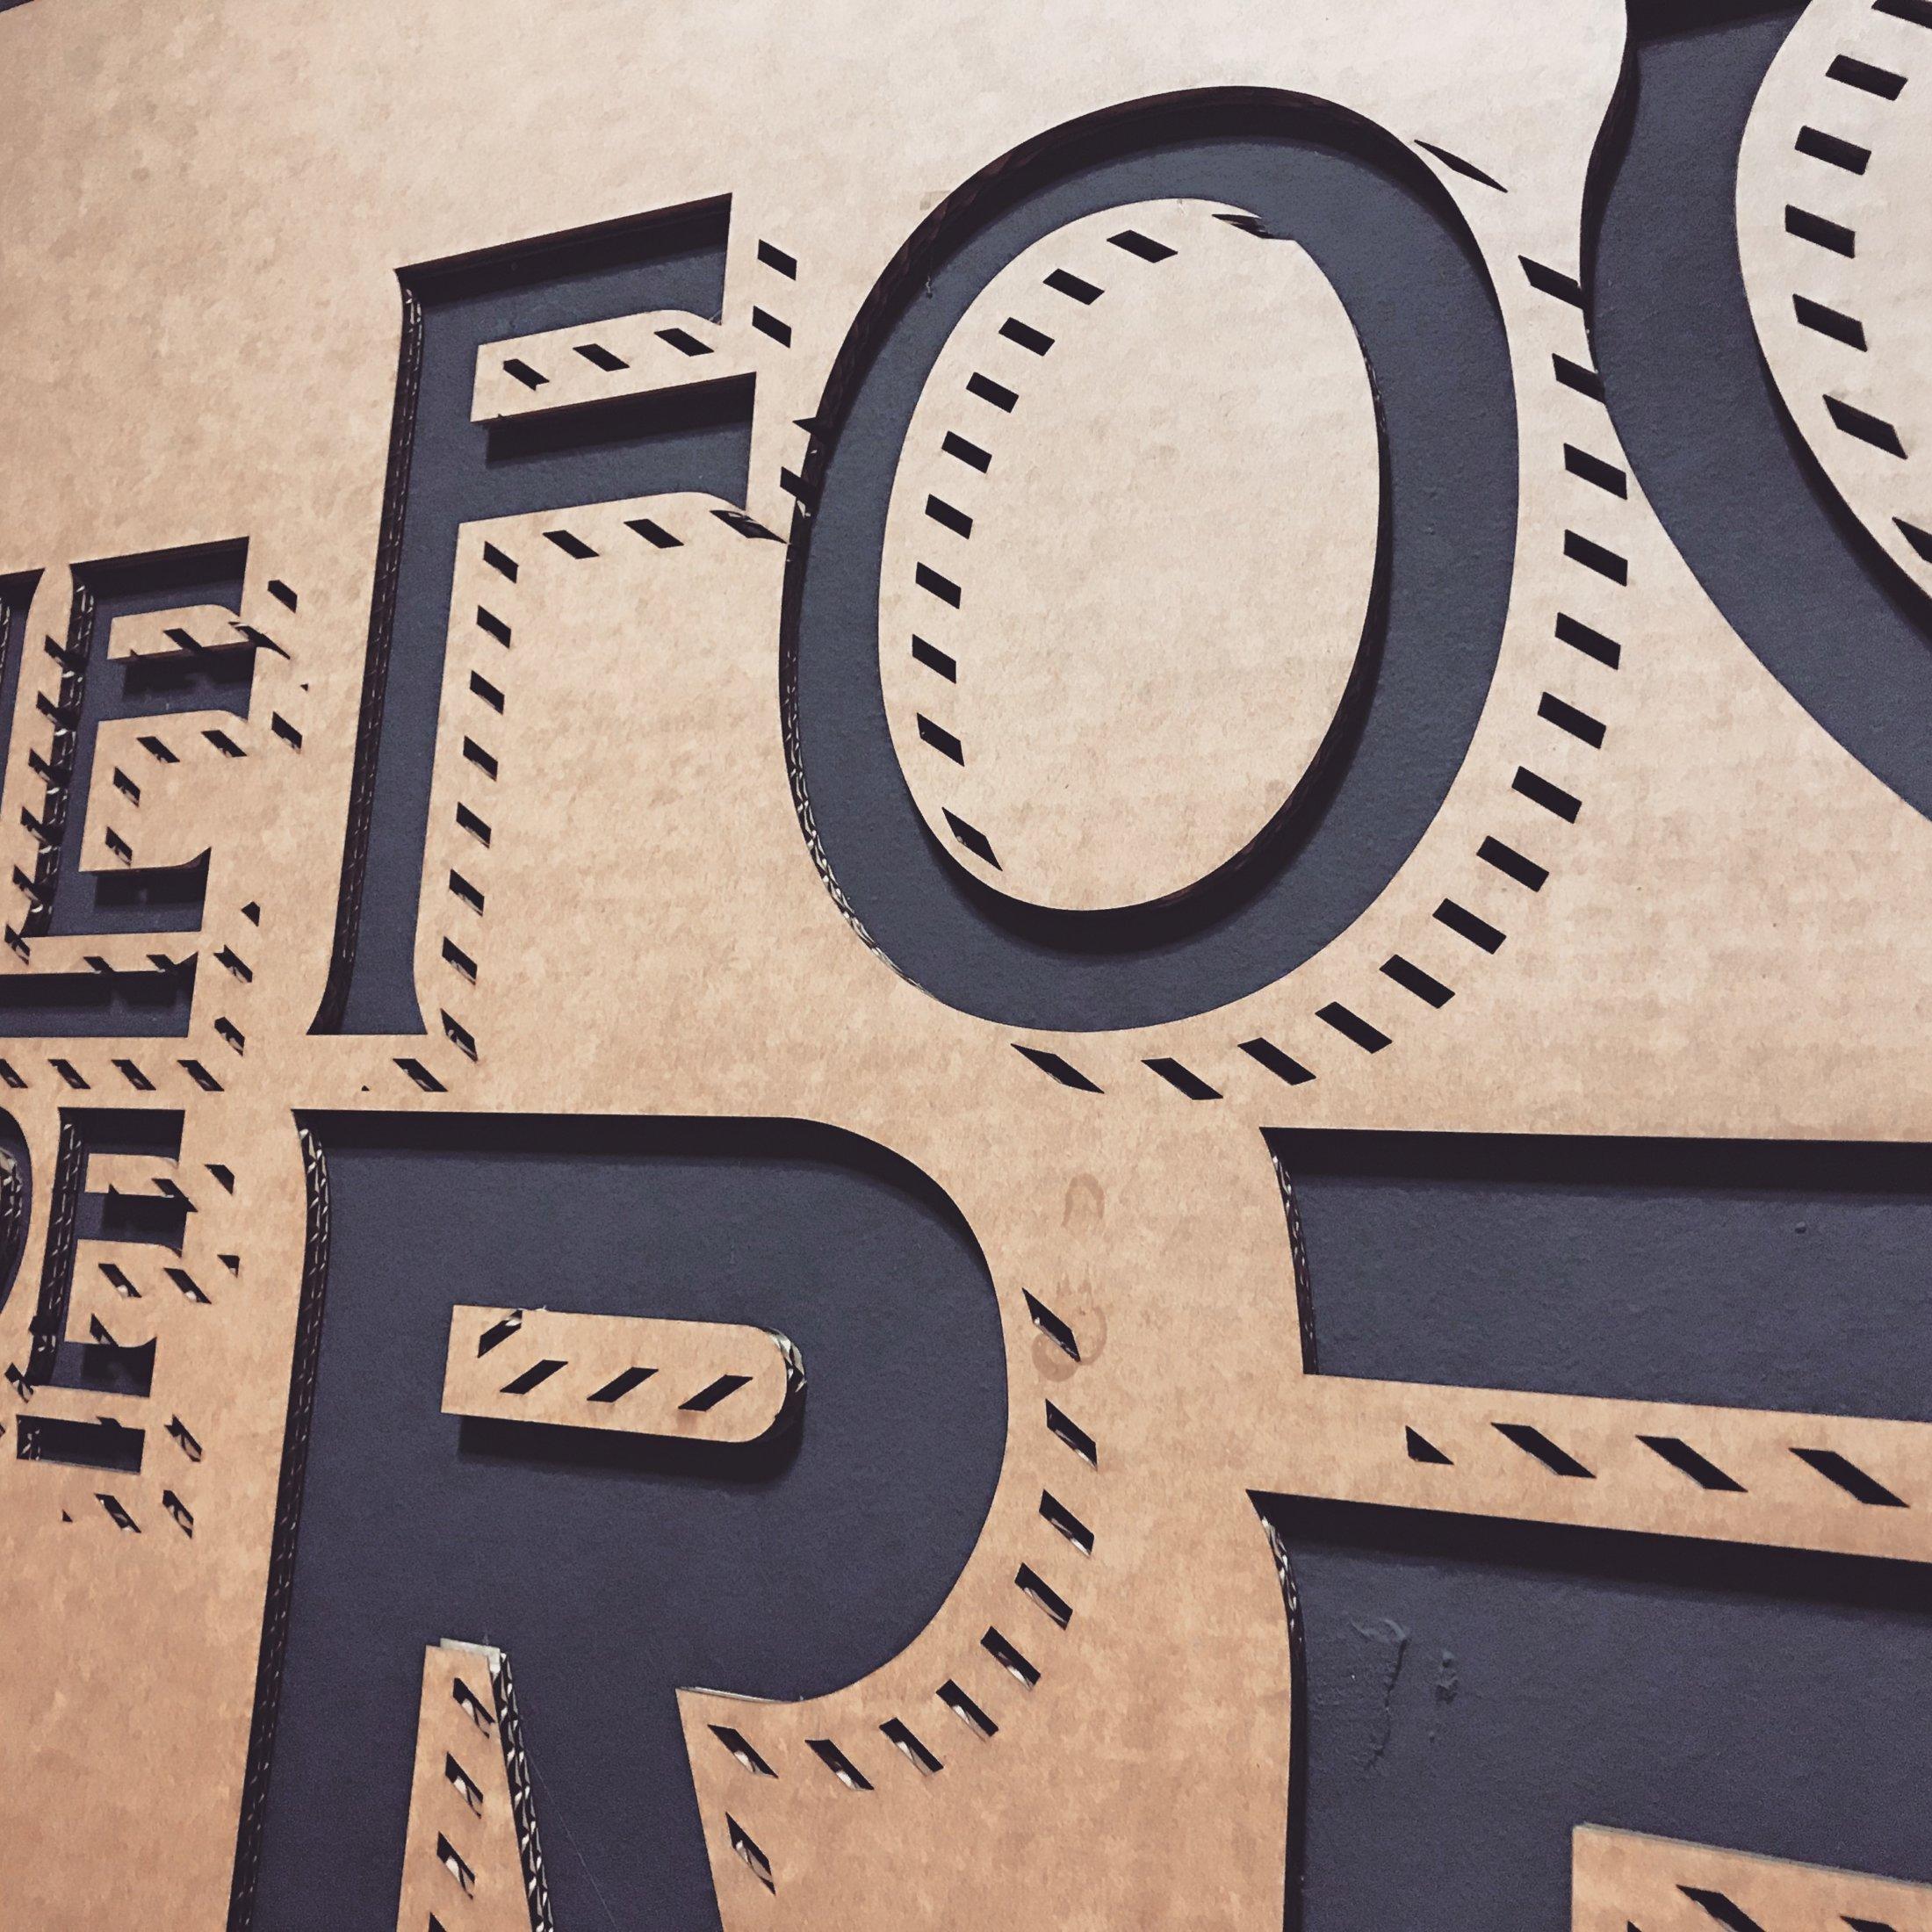 Décoration murale sur mesure Boulangerie Rémi, dessiné par The retail Office